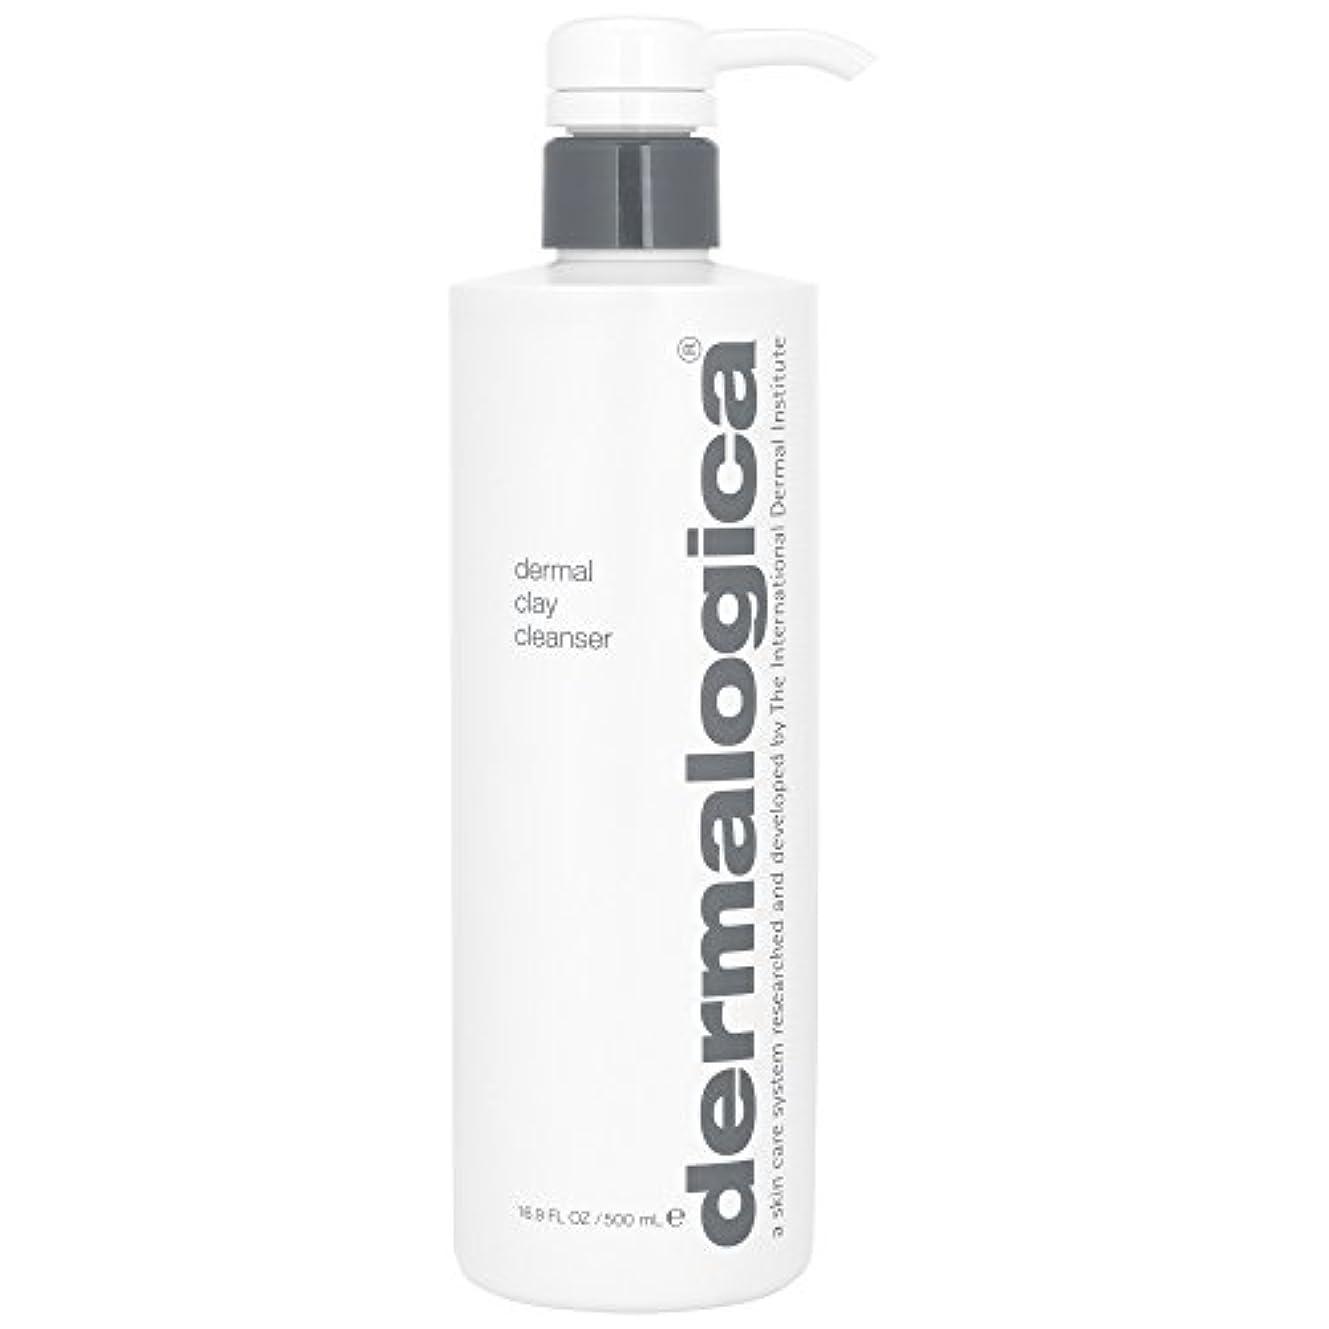 関係する女将パプアニューギニアダーマロジカ真皮クレイクレンザー500ミリリットル (Dermalogica) (x6) - Dermalogica Dermal Clay Cleanser 500ml (Pack of 6) [並行輸入品]